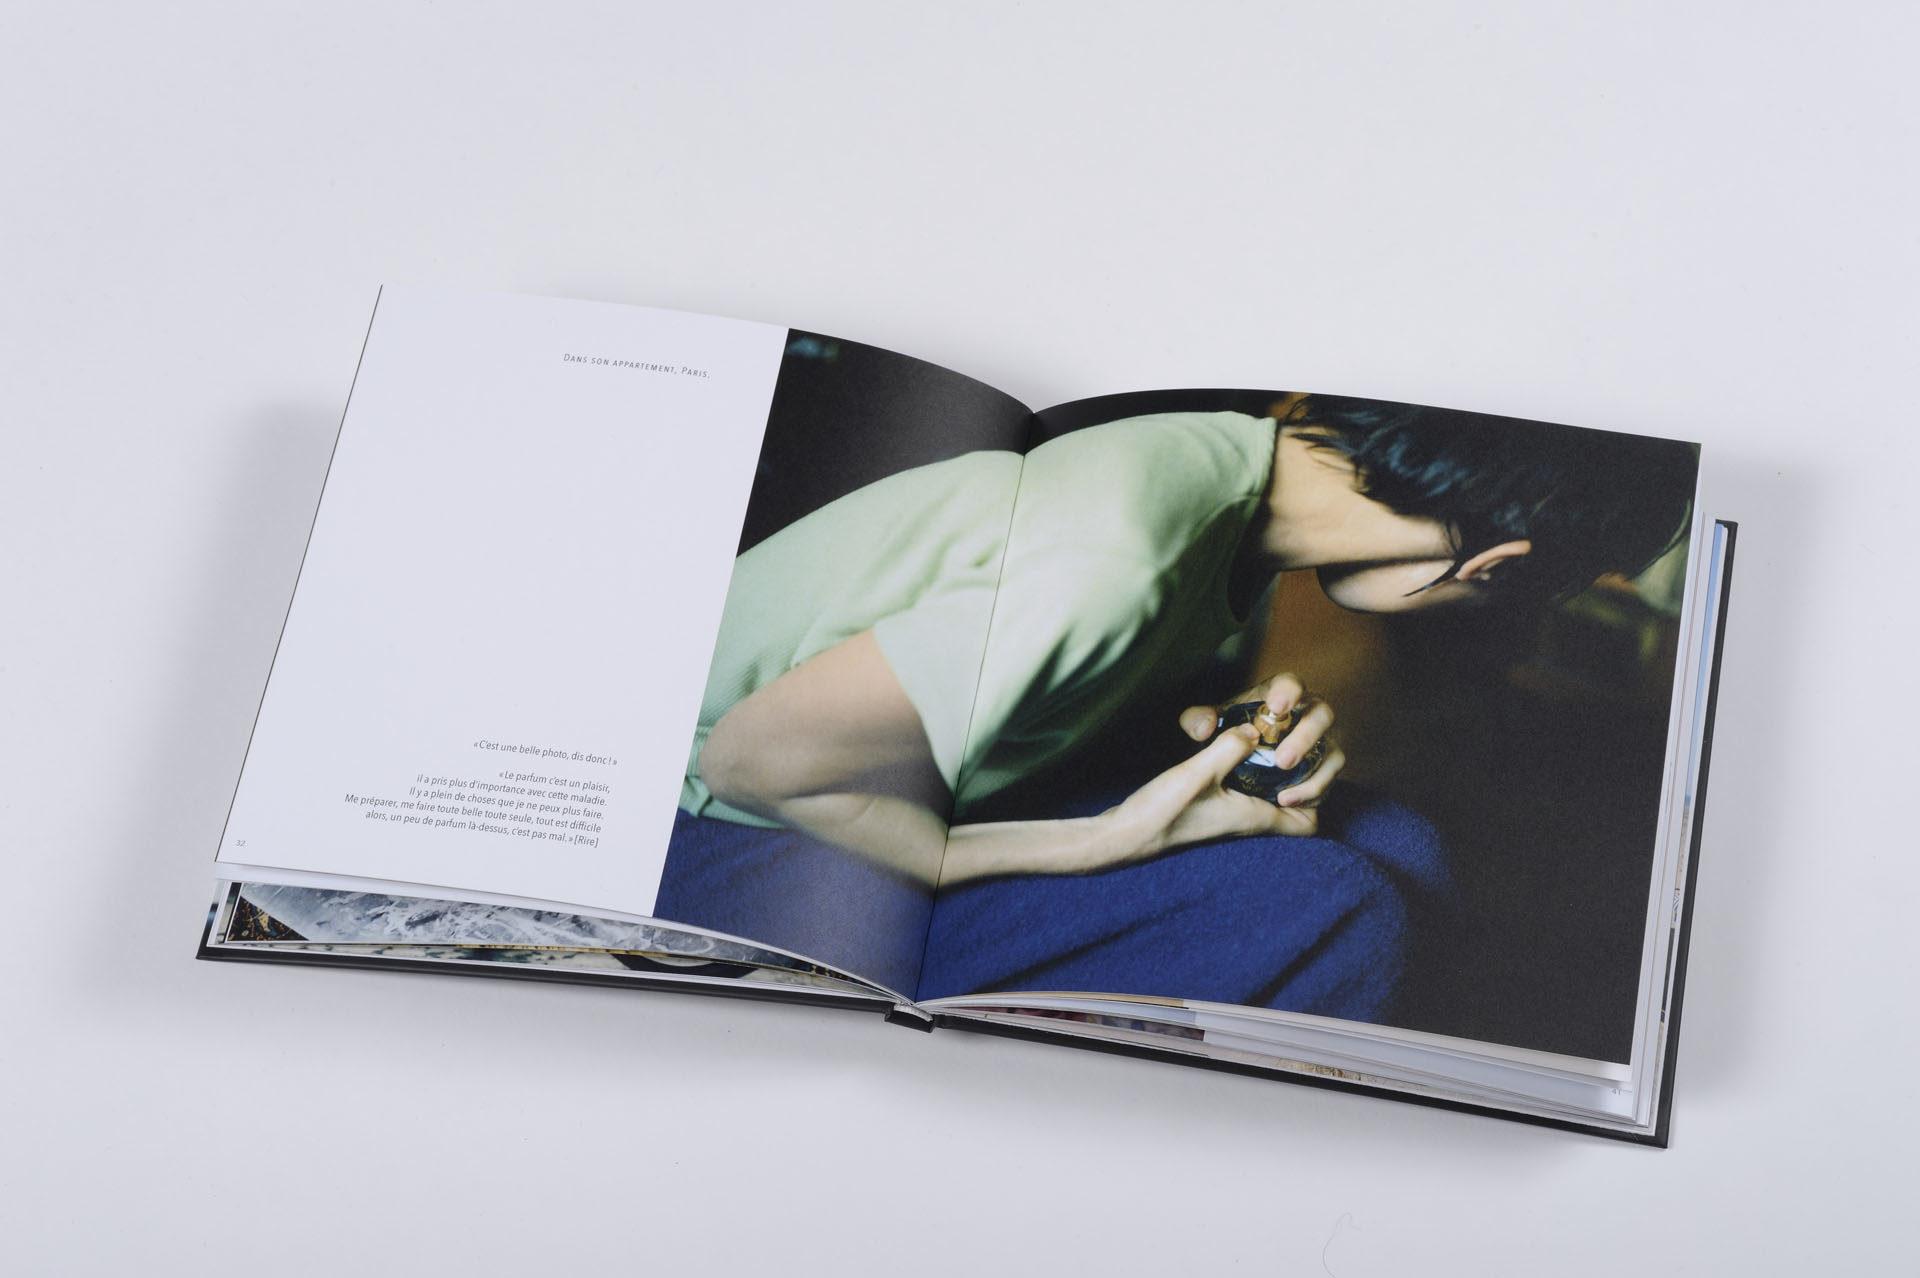 """REPRODUCTION livre """"M'aime pas peur"""" De Elisabeth SCHNEIDER"""